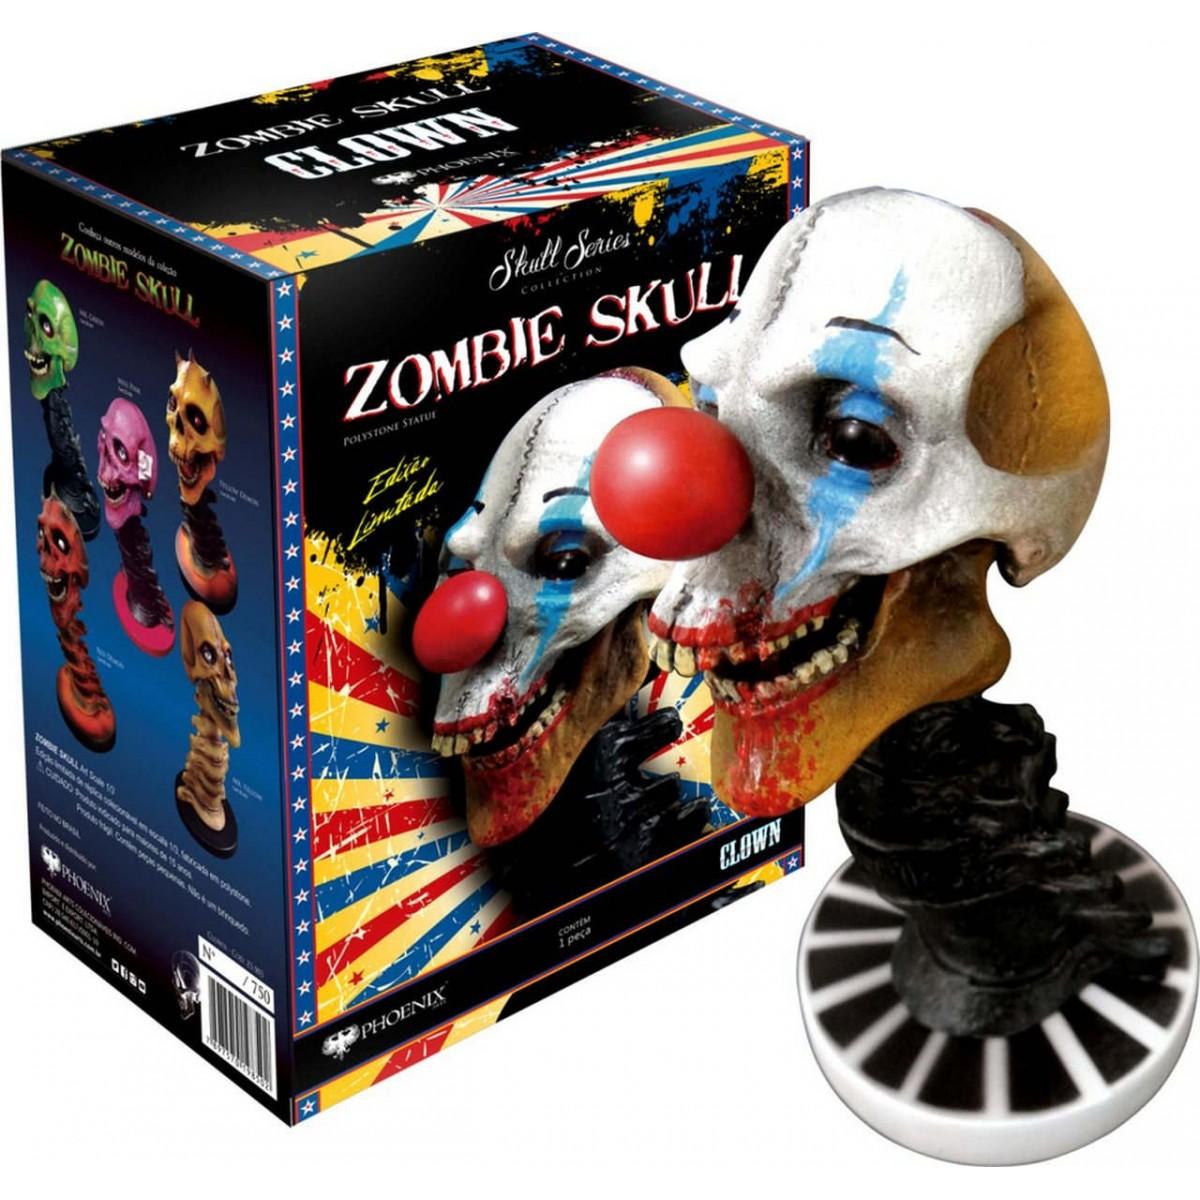 Estátua Zombie Skull Clown (Palhaço): Art Scale Edição Limitada Escala 1/3 - Phoenix Arts